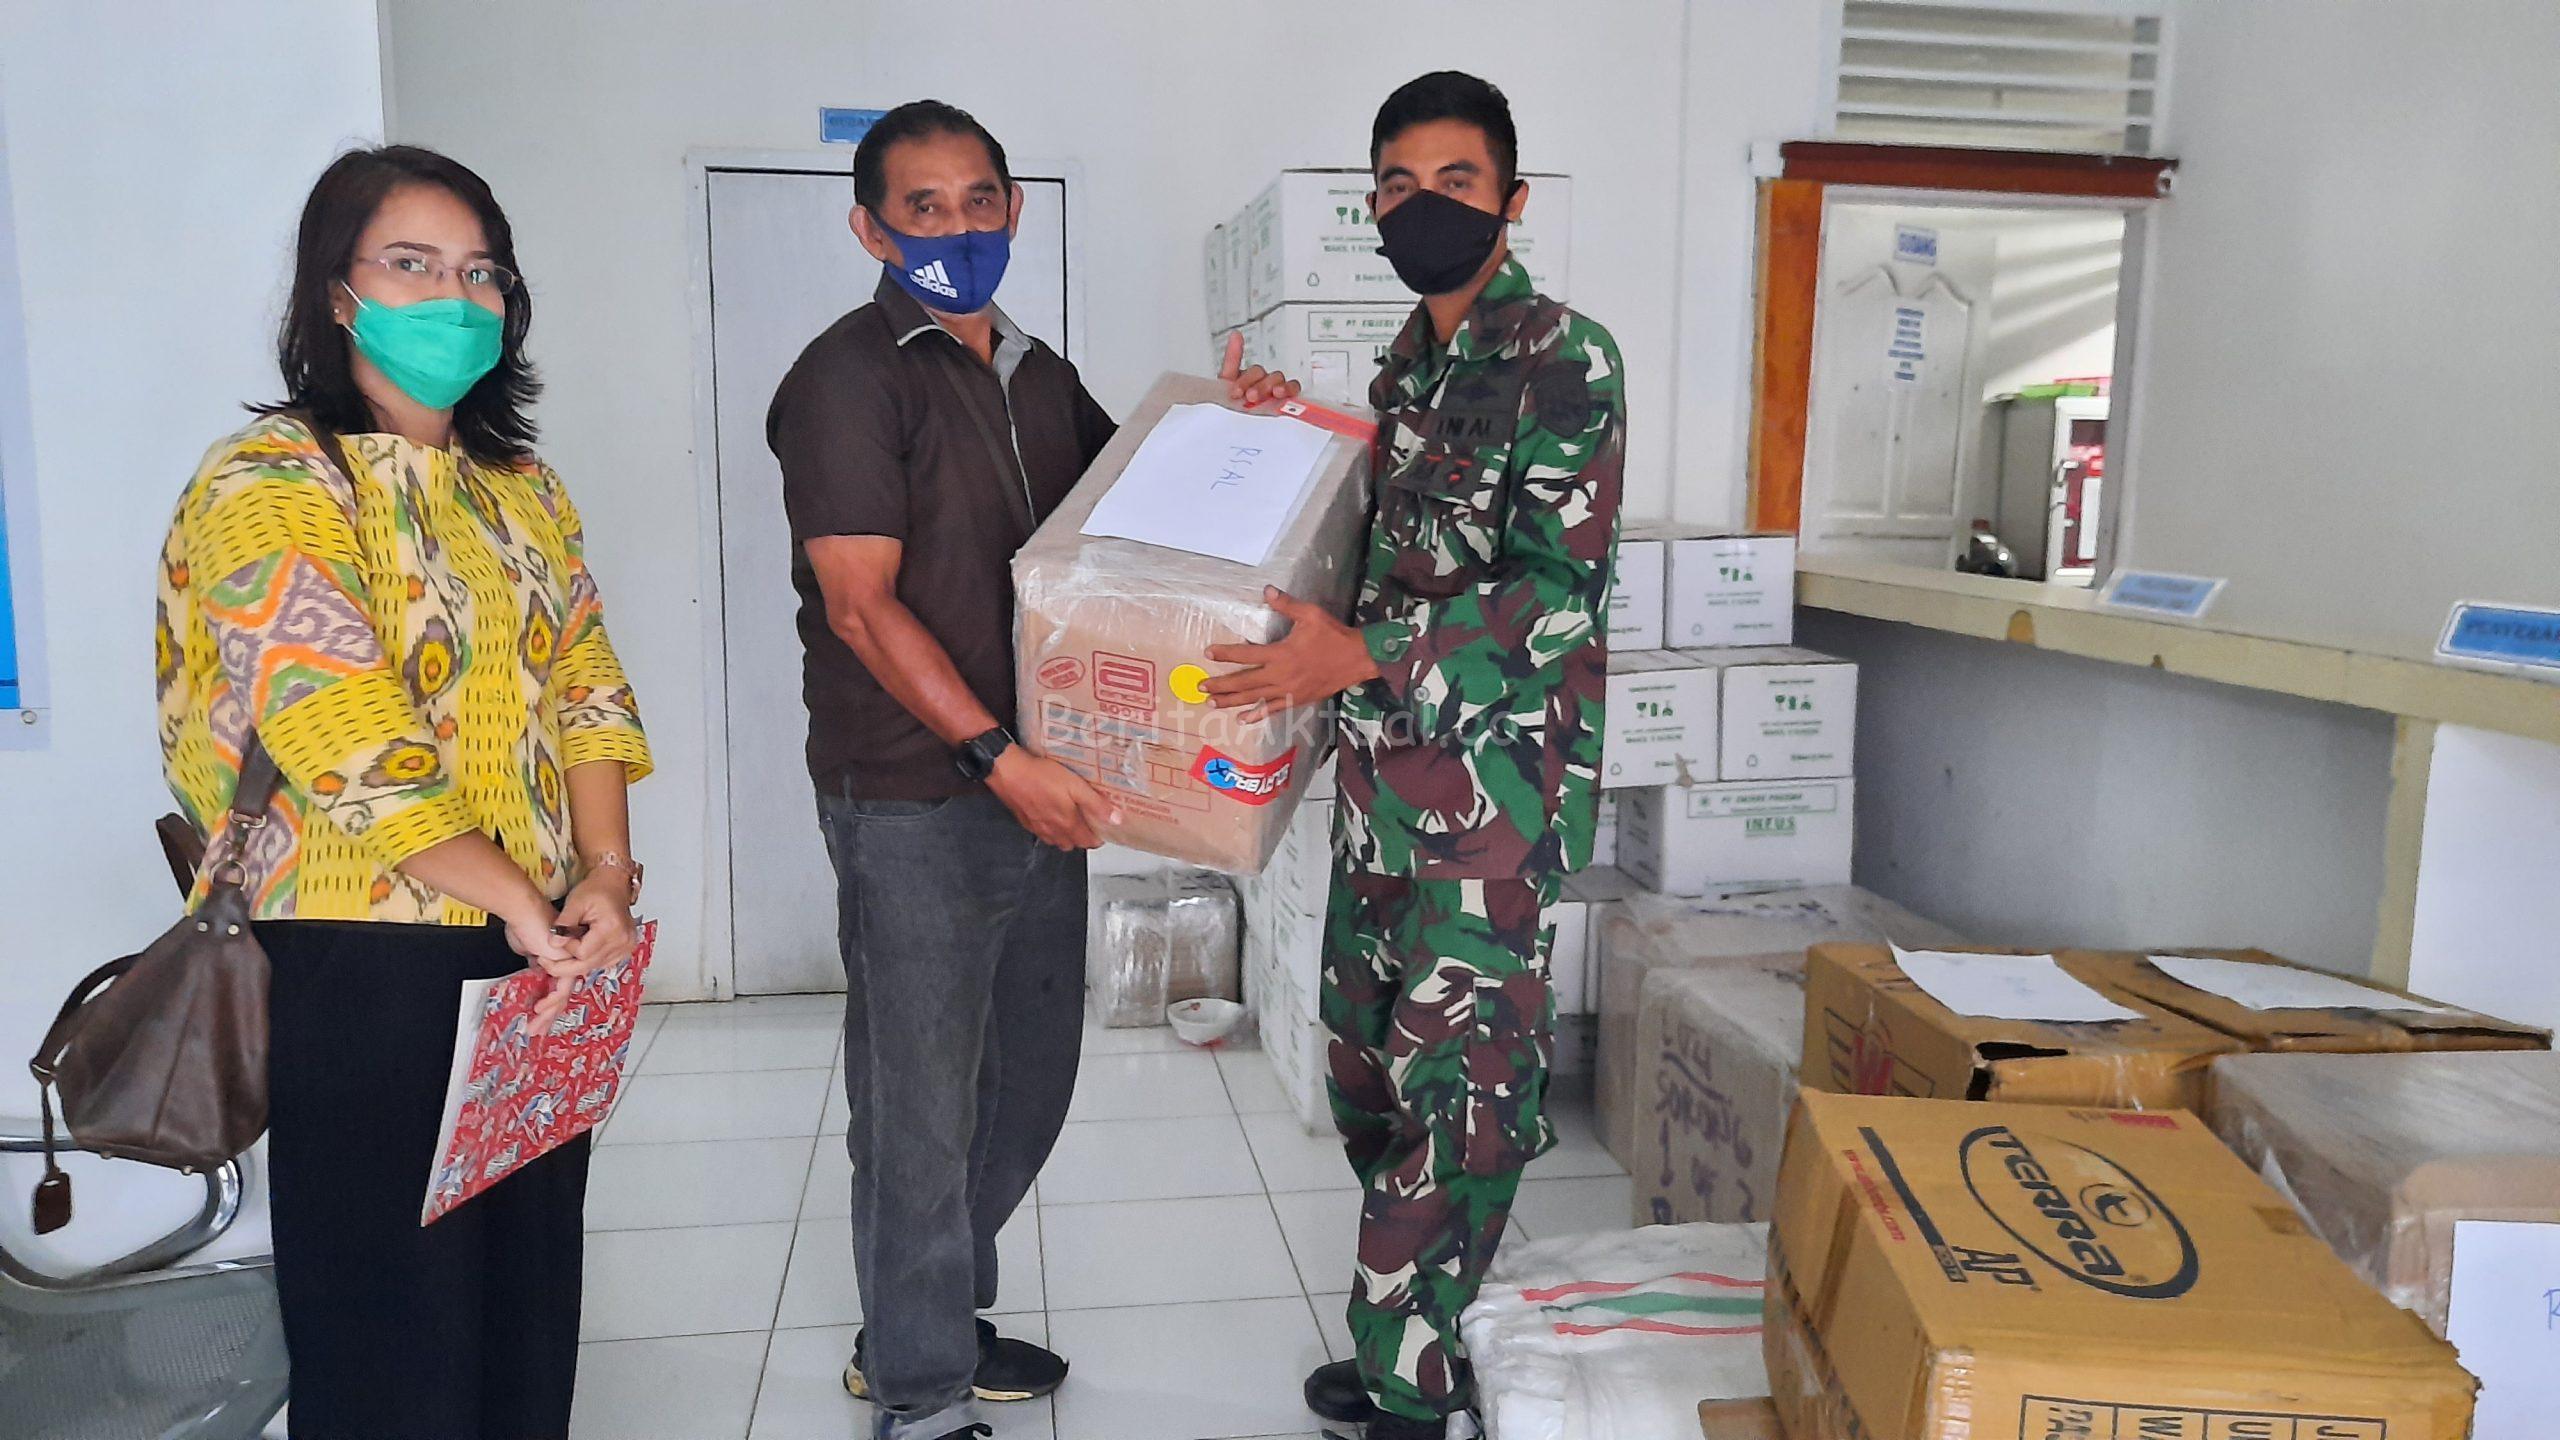 Ribuan APD Dari Robert Kardinal Untuk Tiga RS di Sorong Papua Barat di Distribusikan 4 20200703 153956 scaled